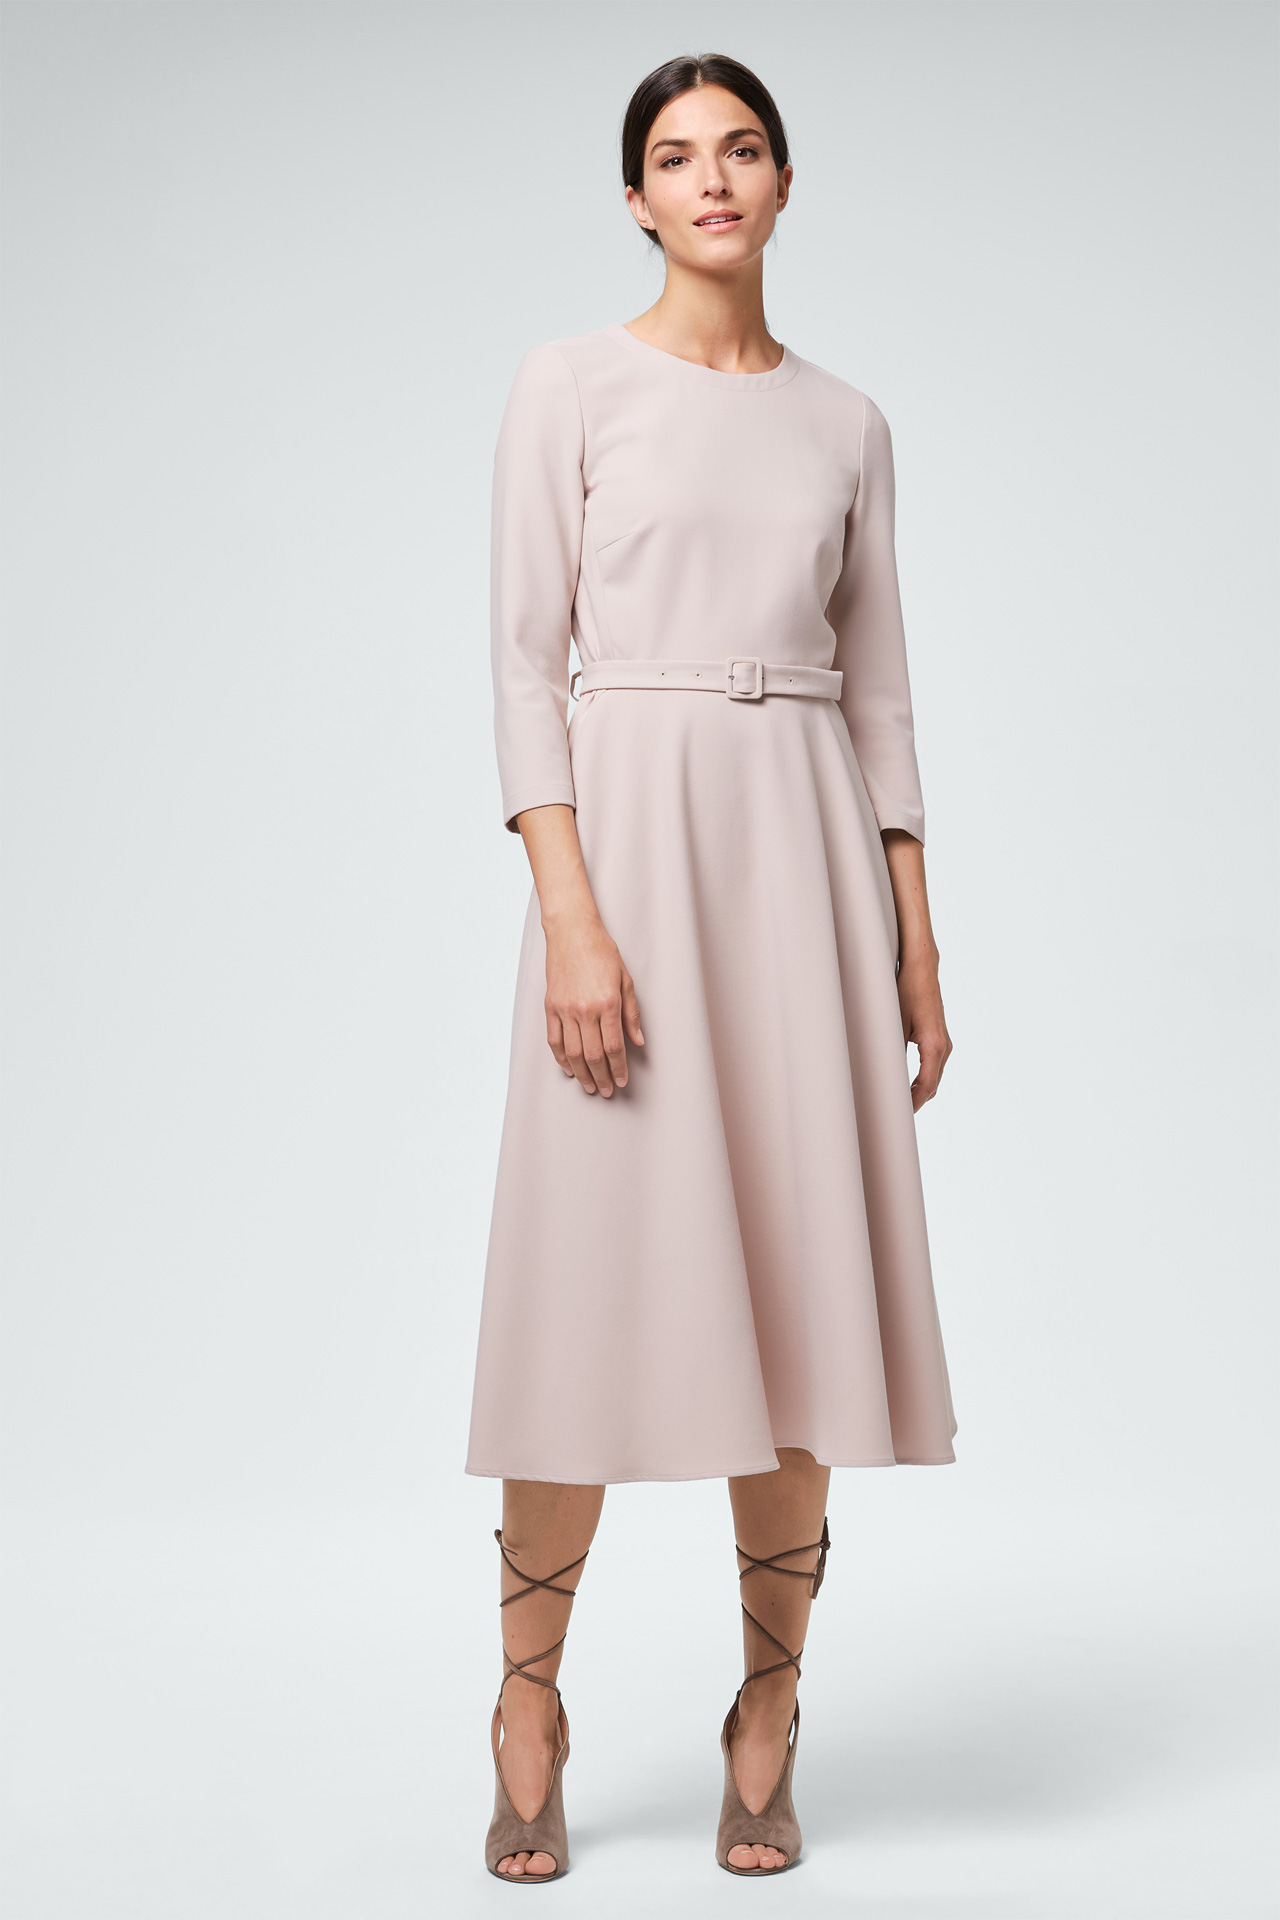 Business-Kleid mit Gürtel in Beige - Styles4Work